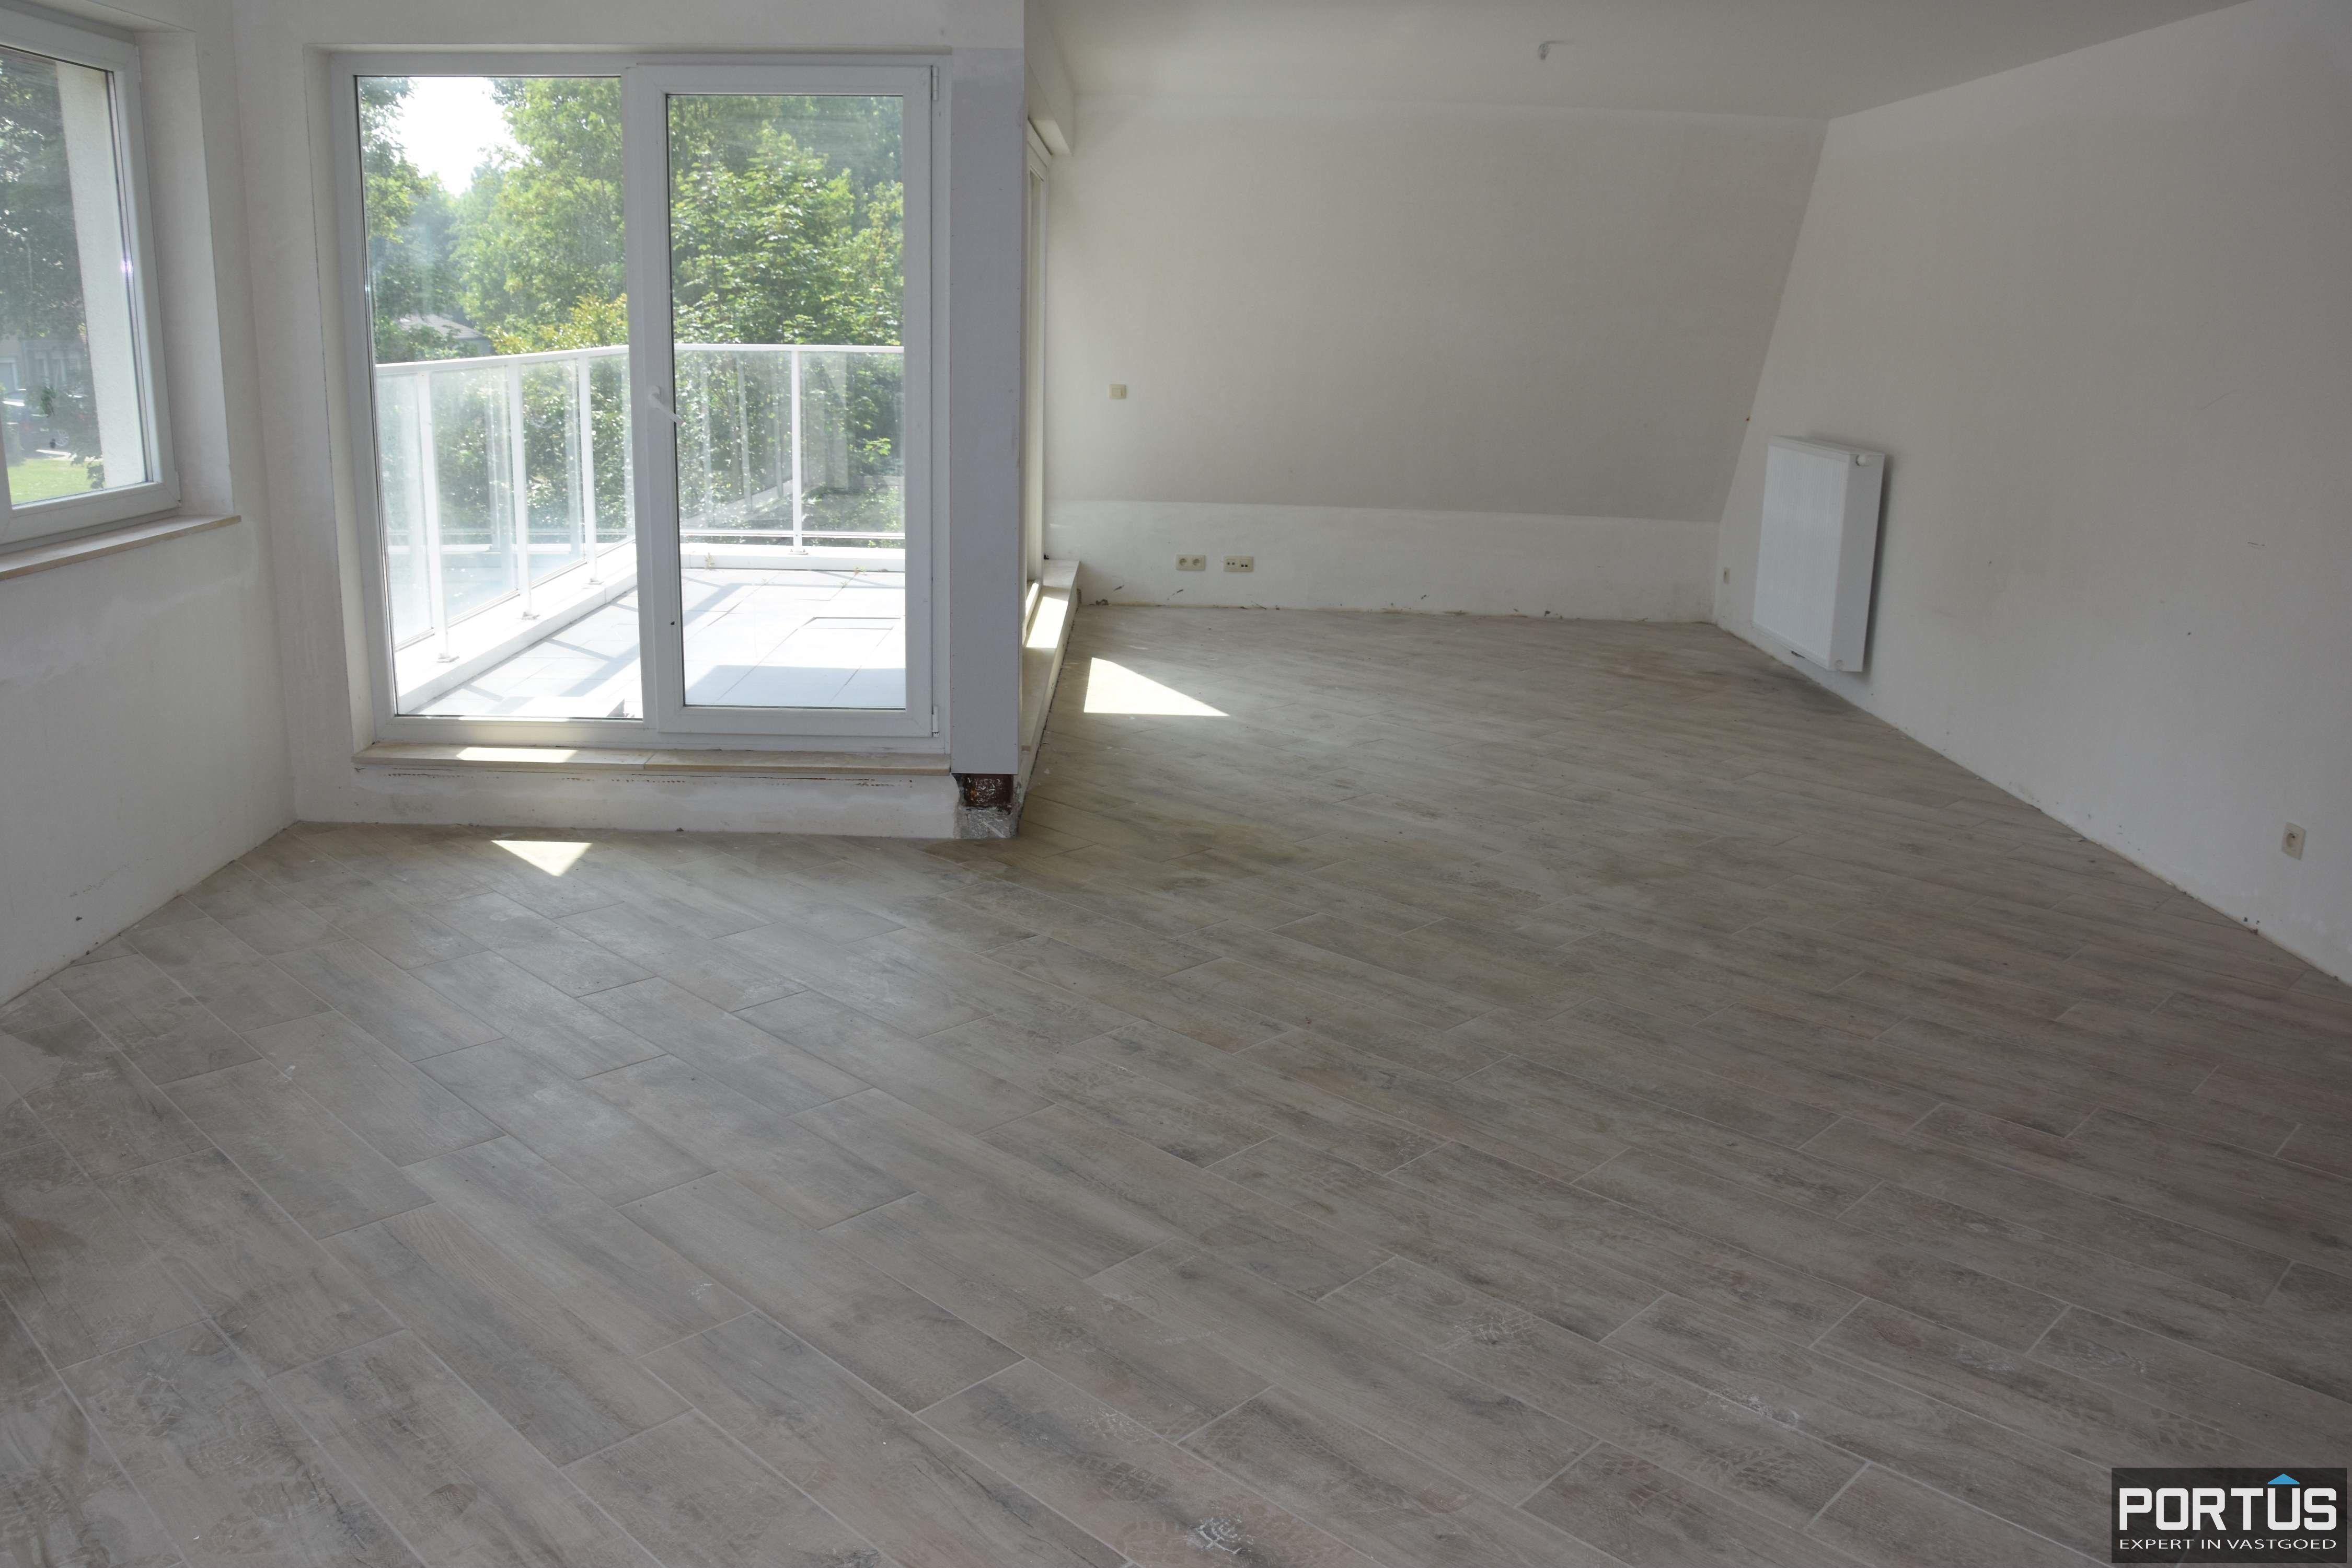 Appartement Residentie Villa Crombez Nieuwpoort - 8363